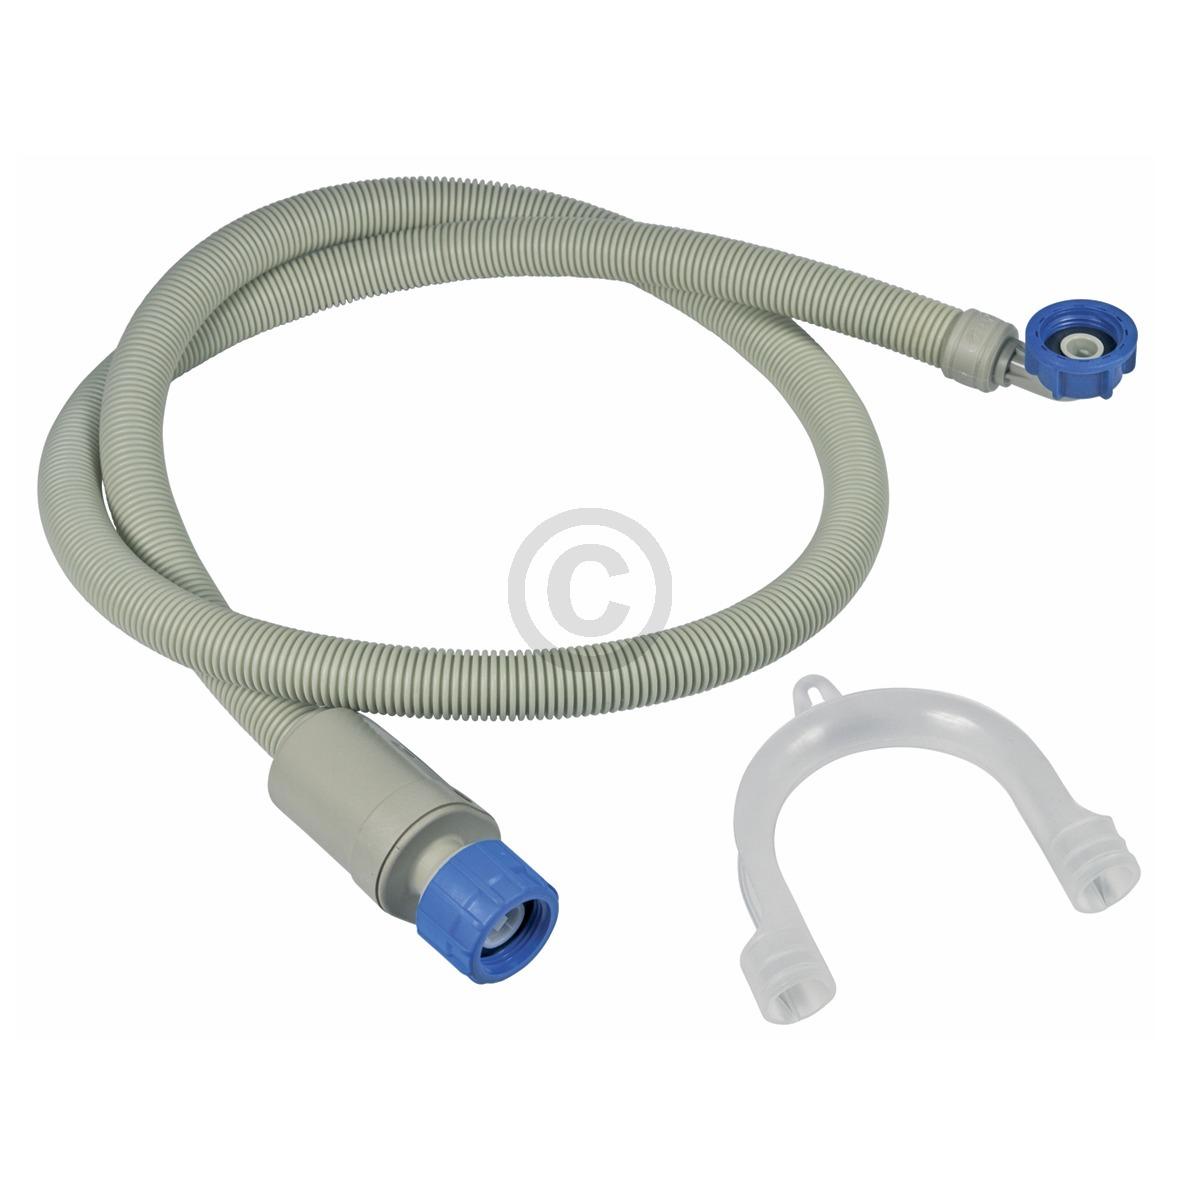 Zulaufschlauch AEG 14002090405/2 Aquastopschlauch 1,5m 25°C für Waschmaschine